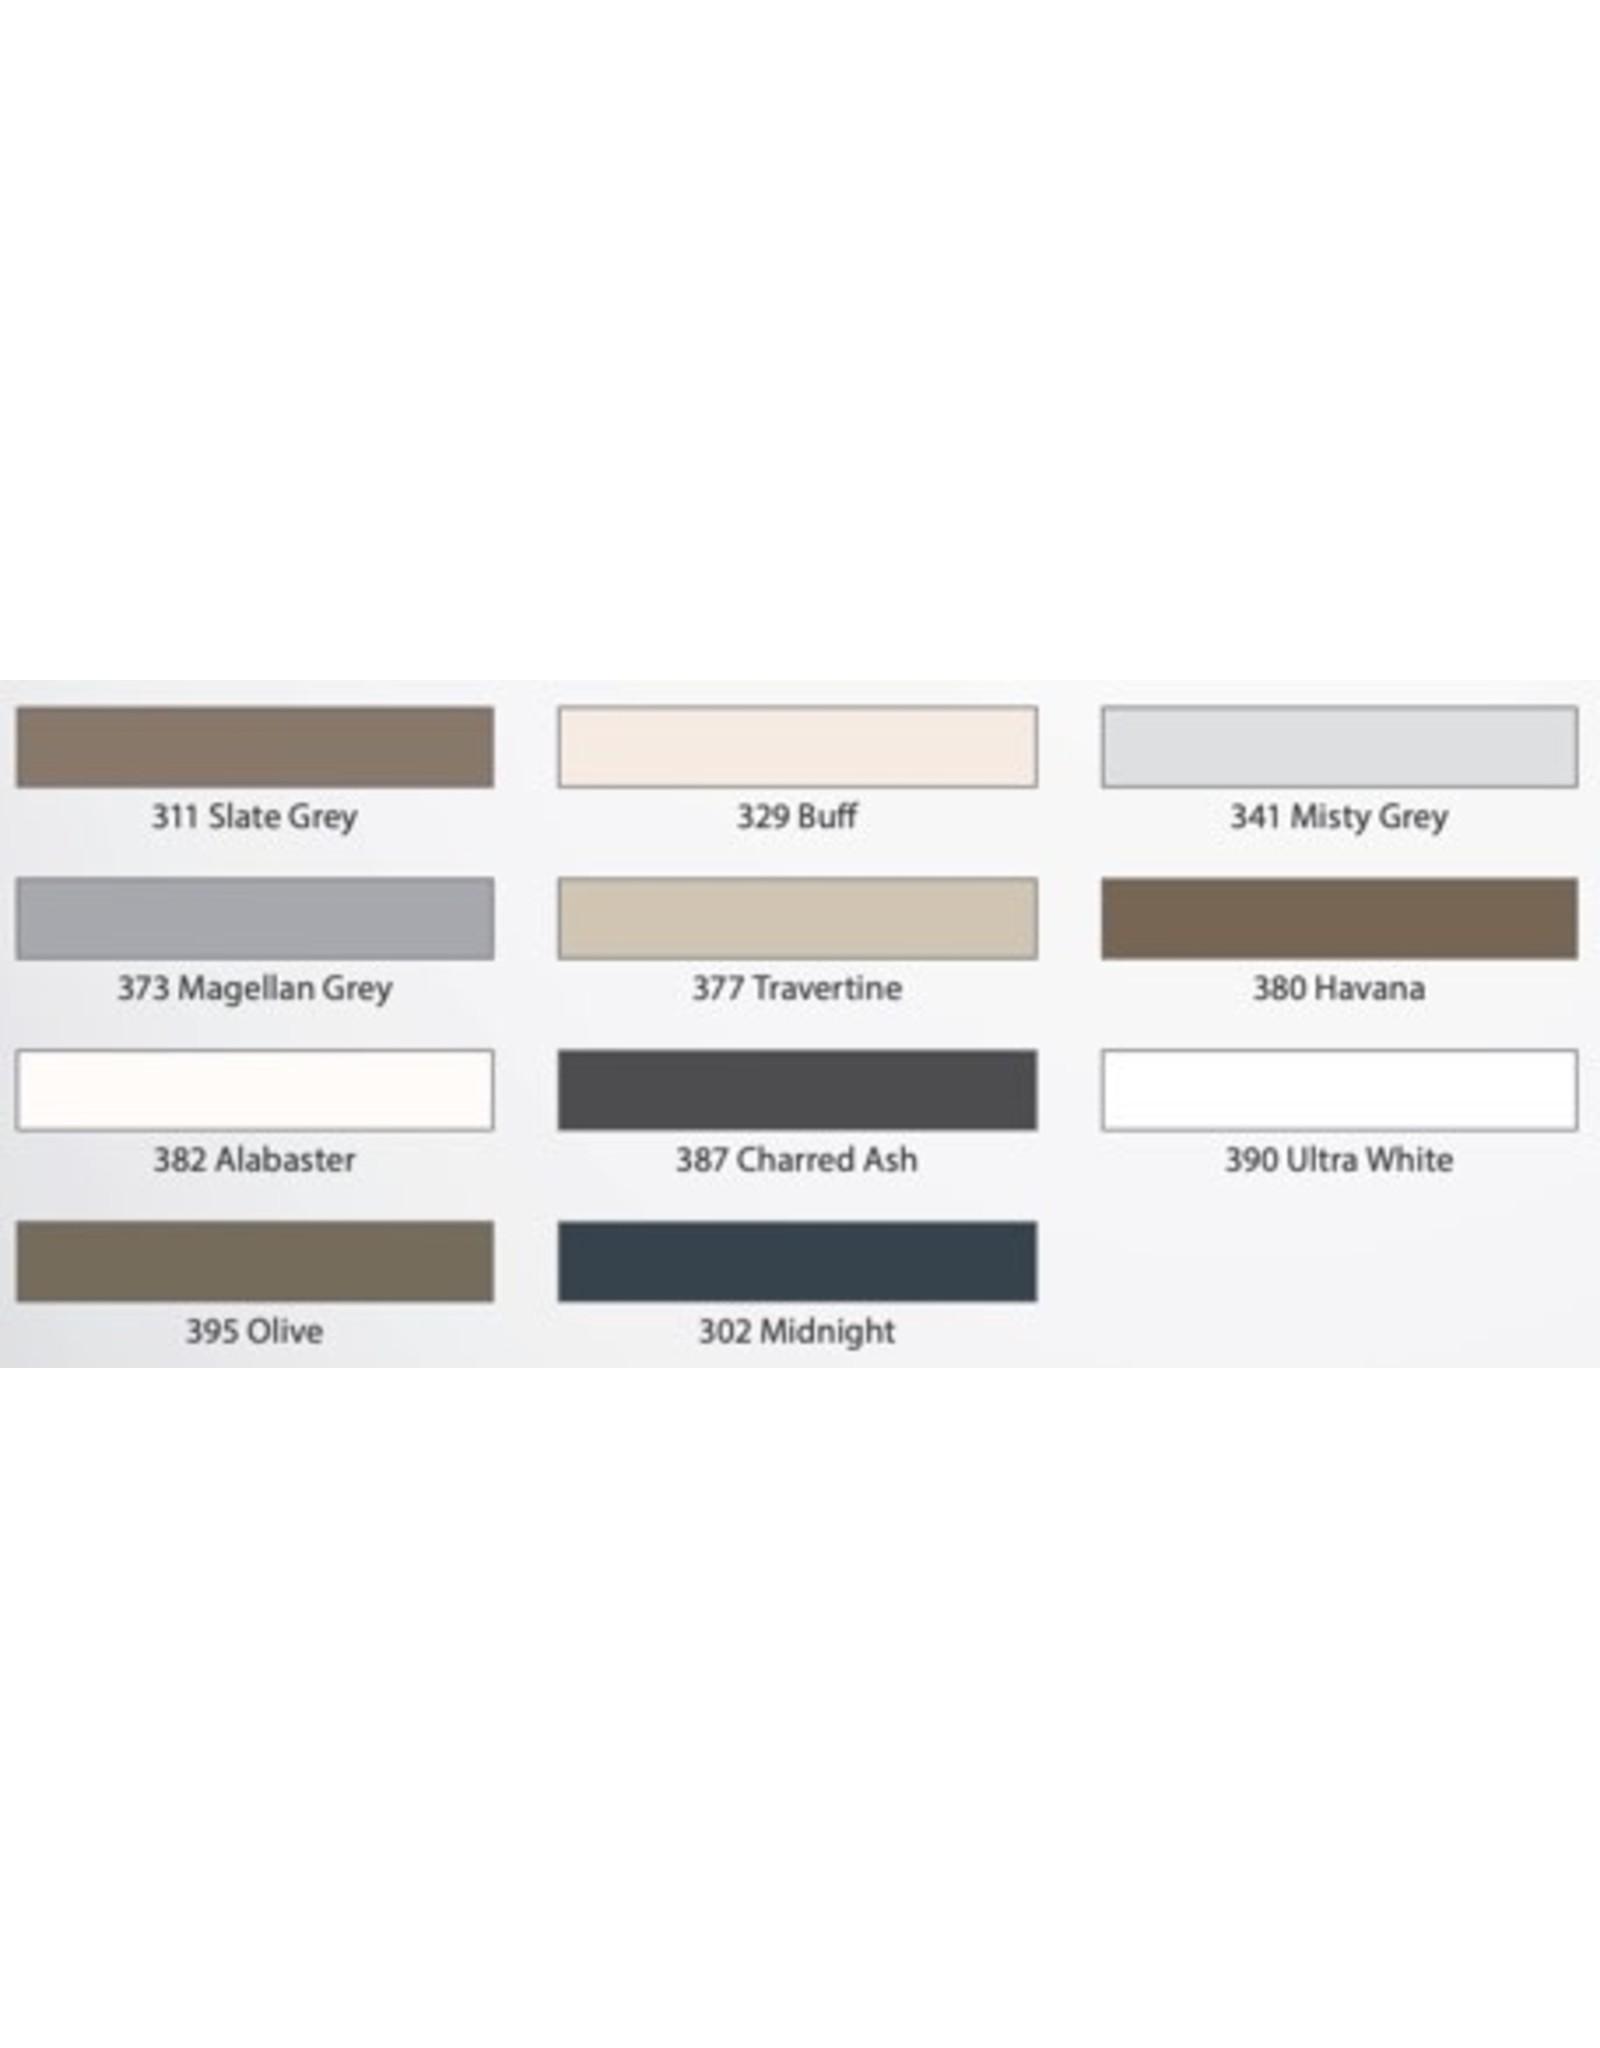 Ardex ARDEX FS-DD Misty Grey 341 5kg